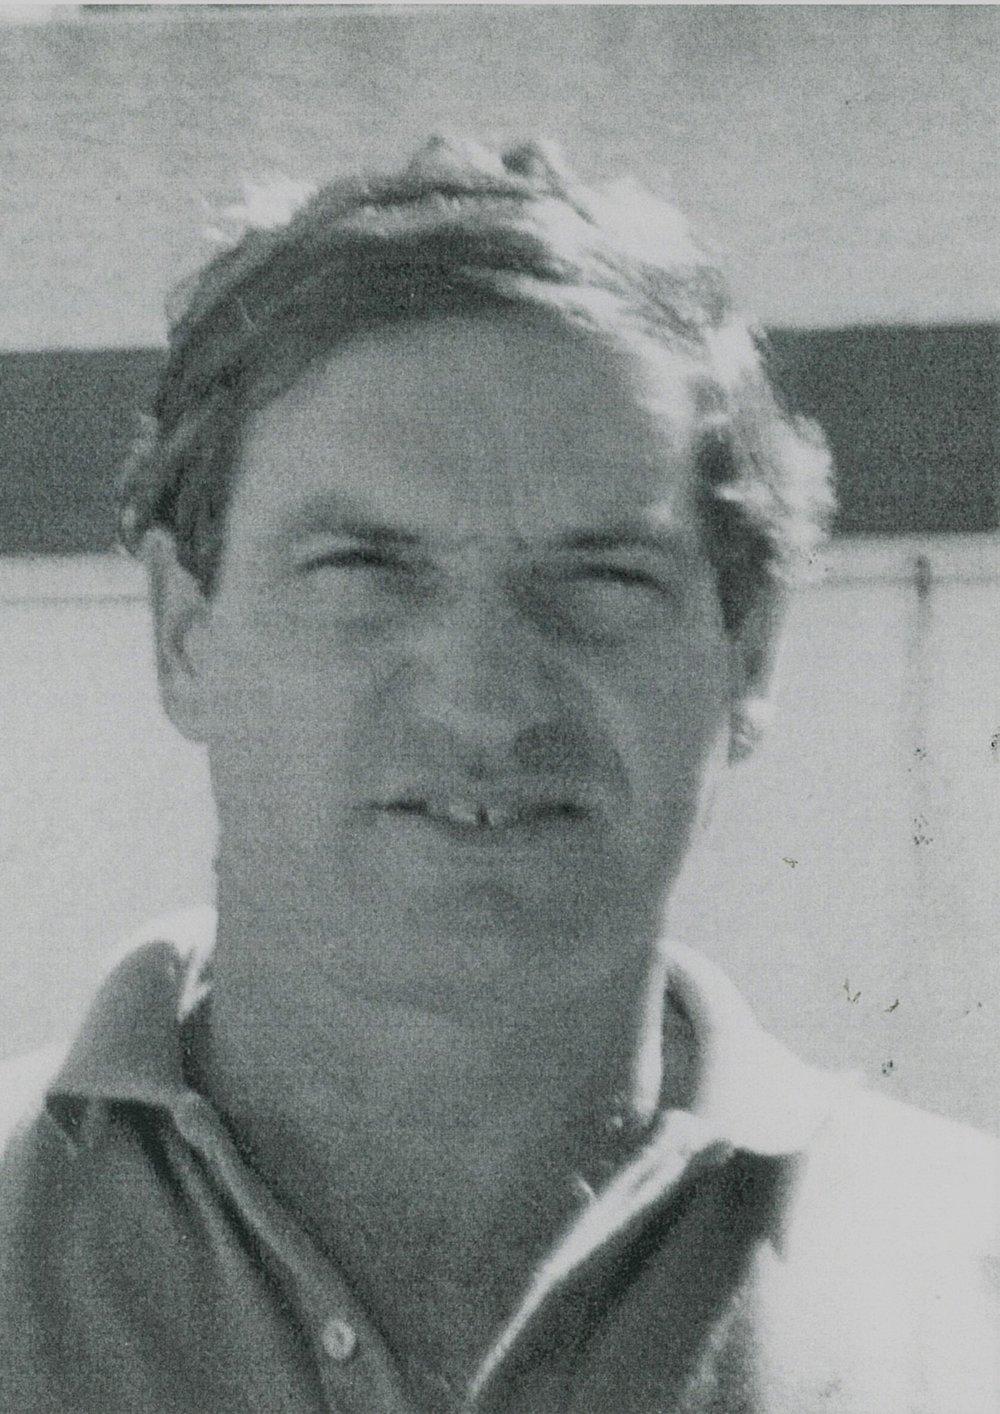 1977 - Robert Skillen